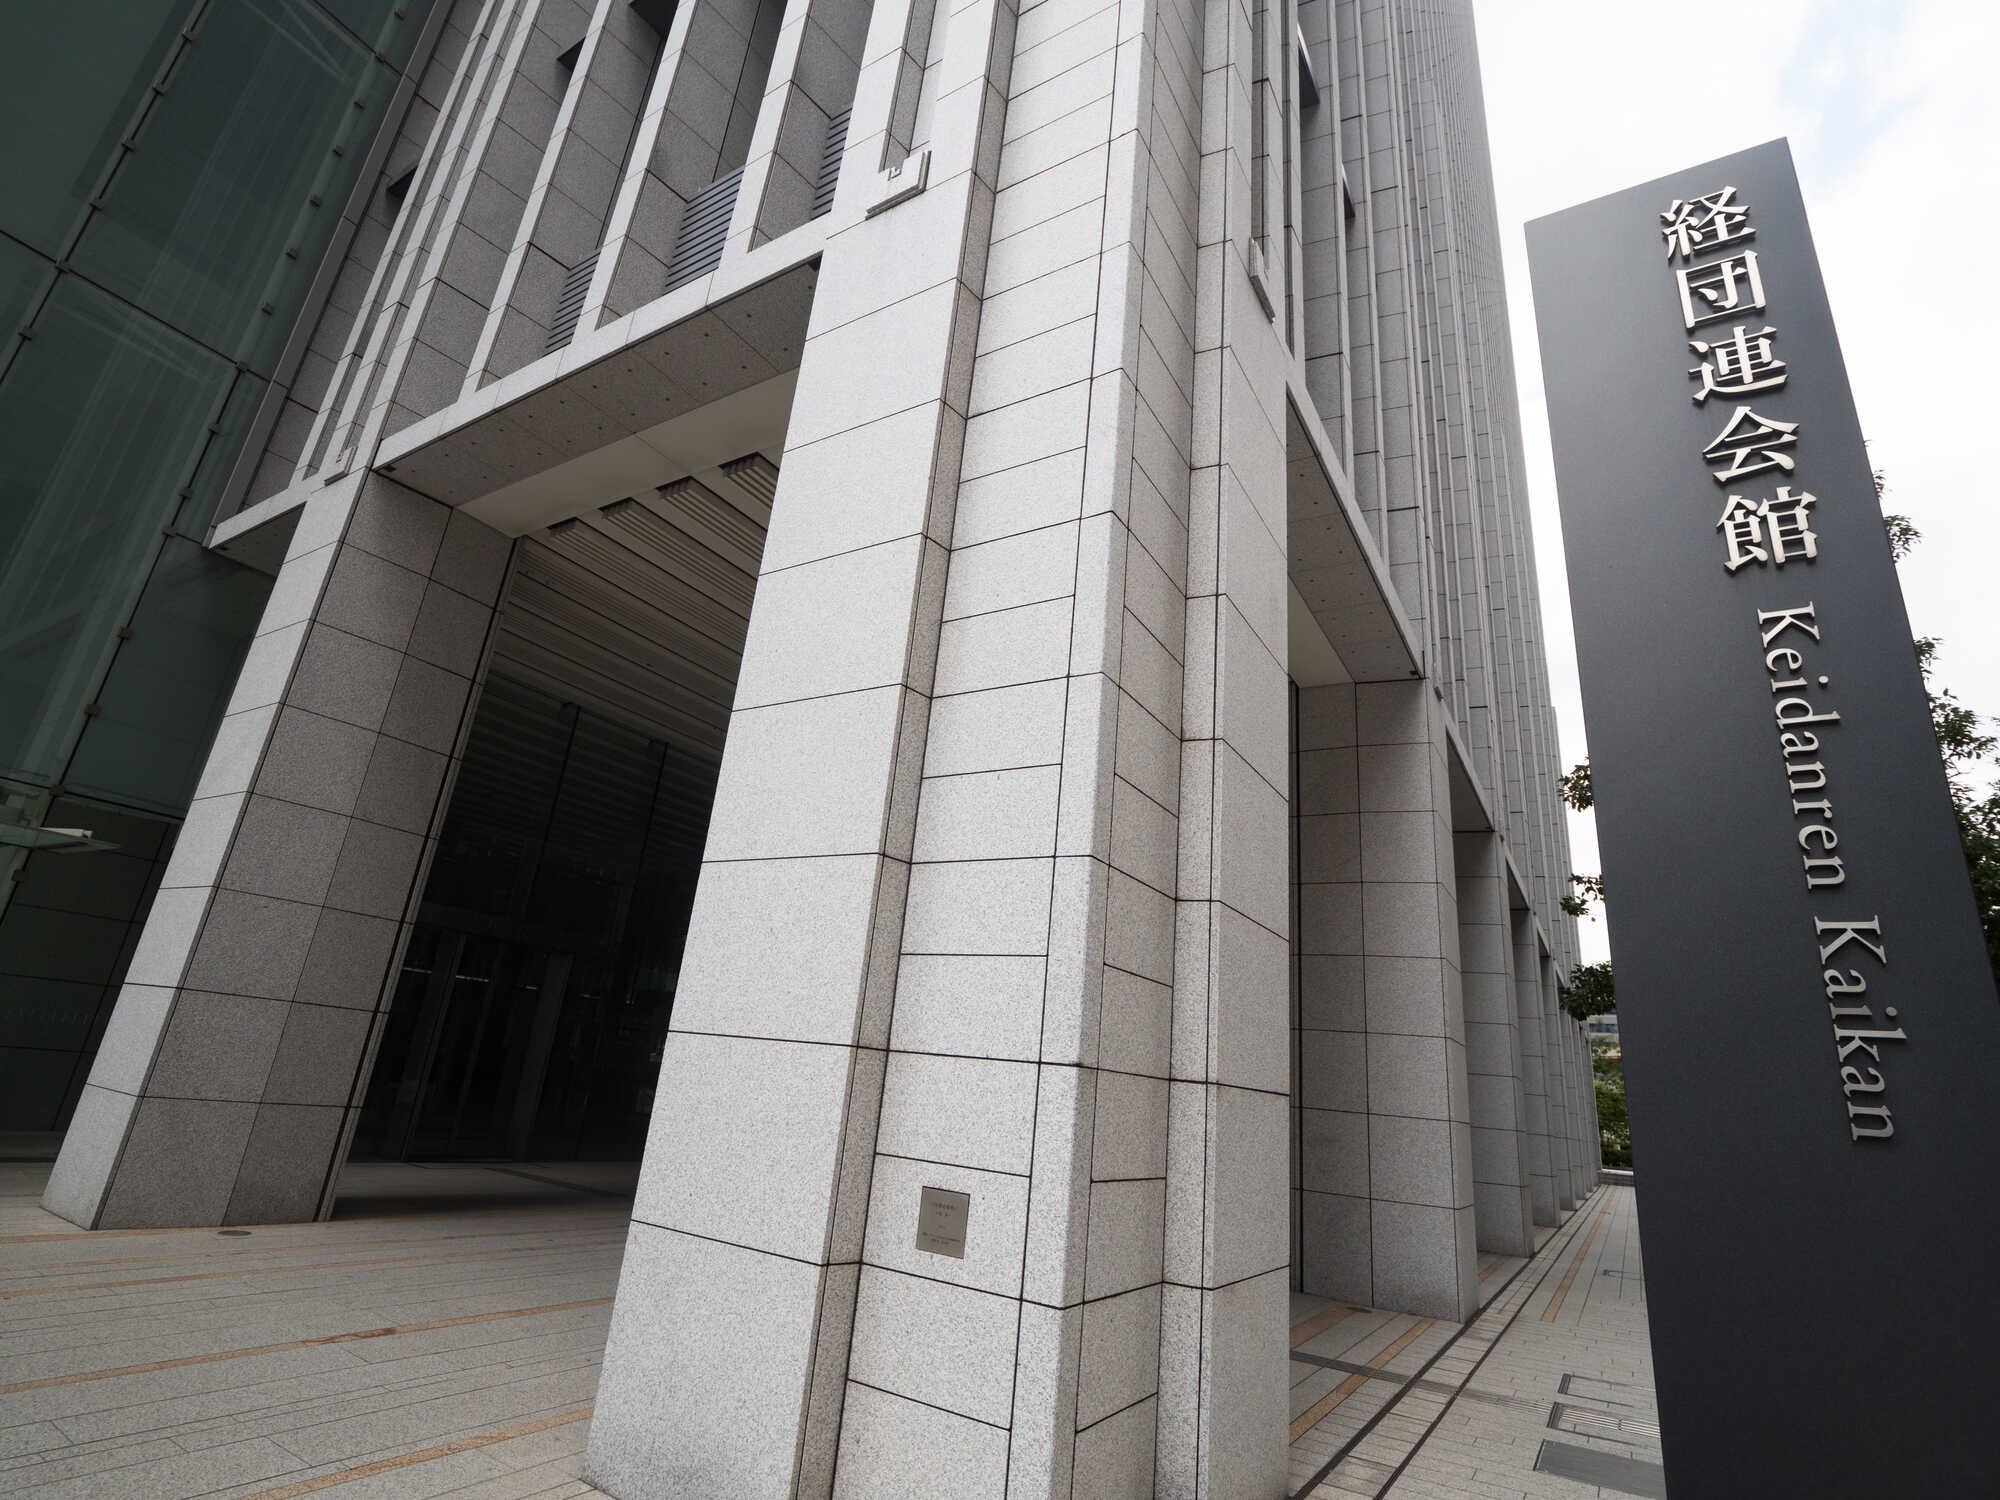 経団連が「採用指針」の廃止を宣言